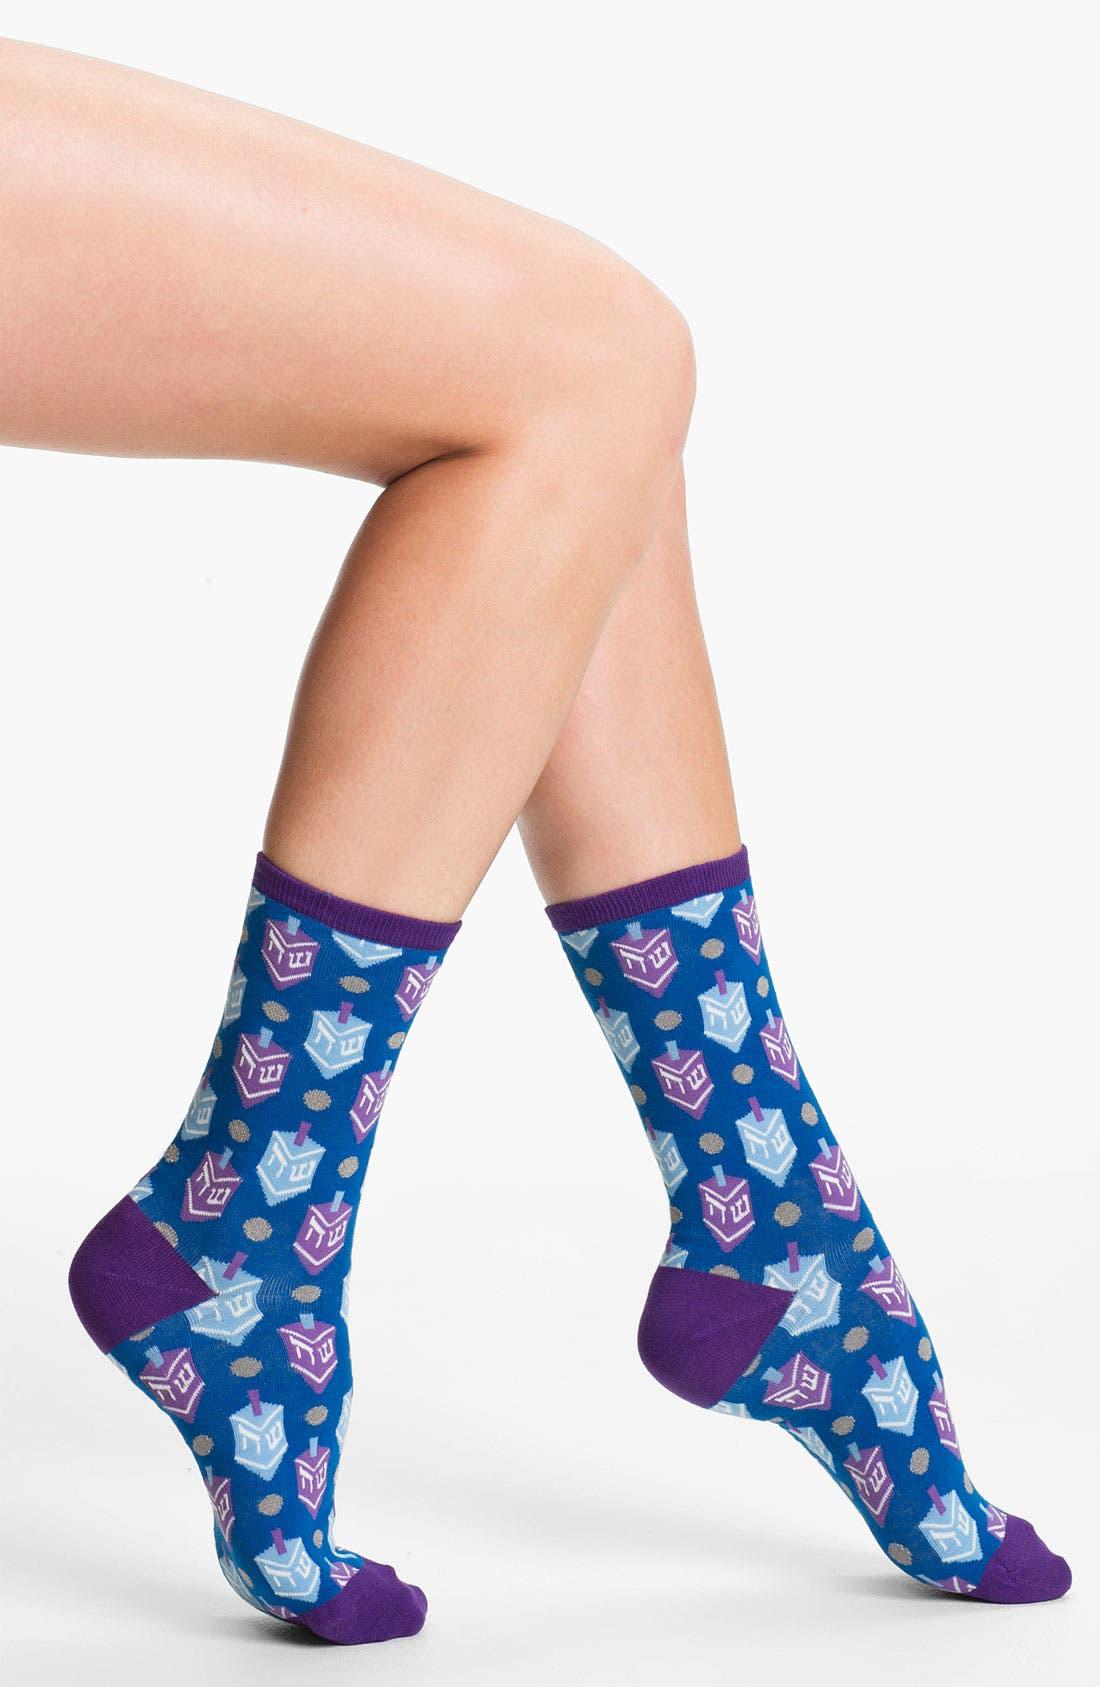 Main Image - Hot Sox 'Hanukkah' Socks